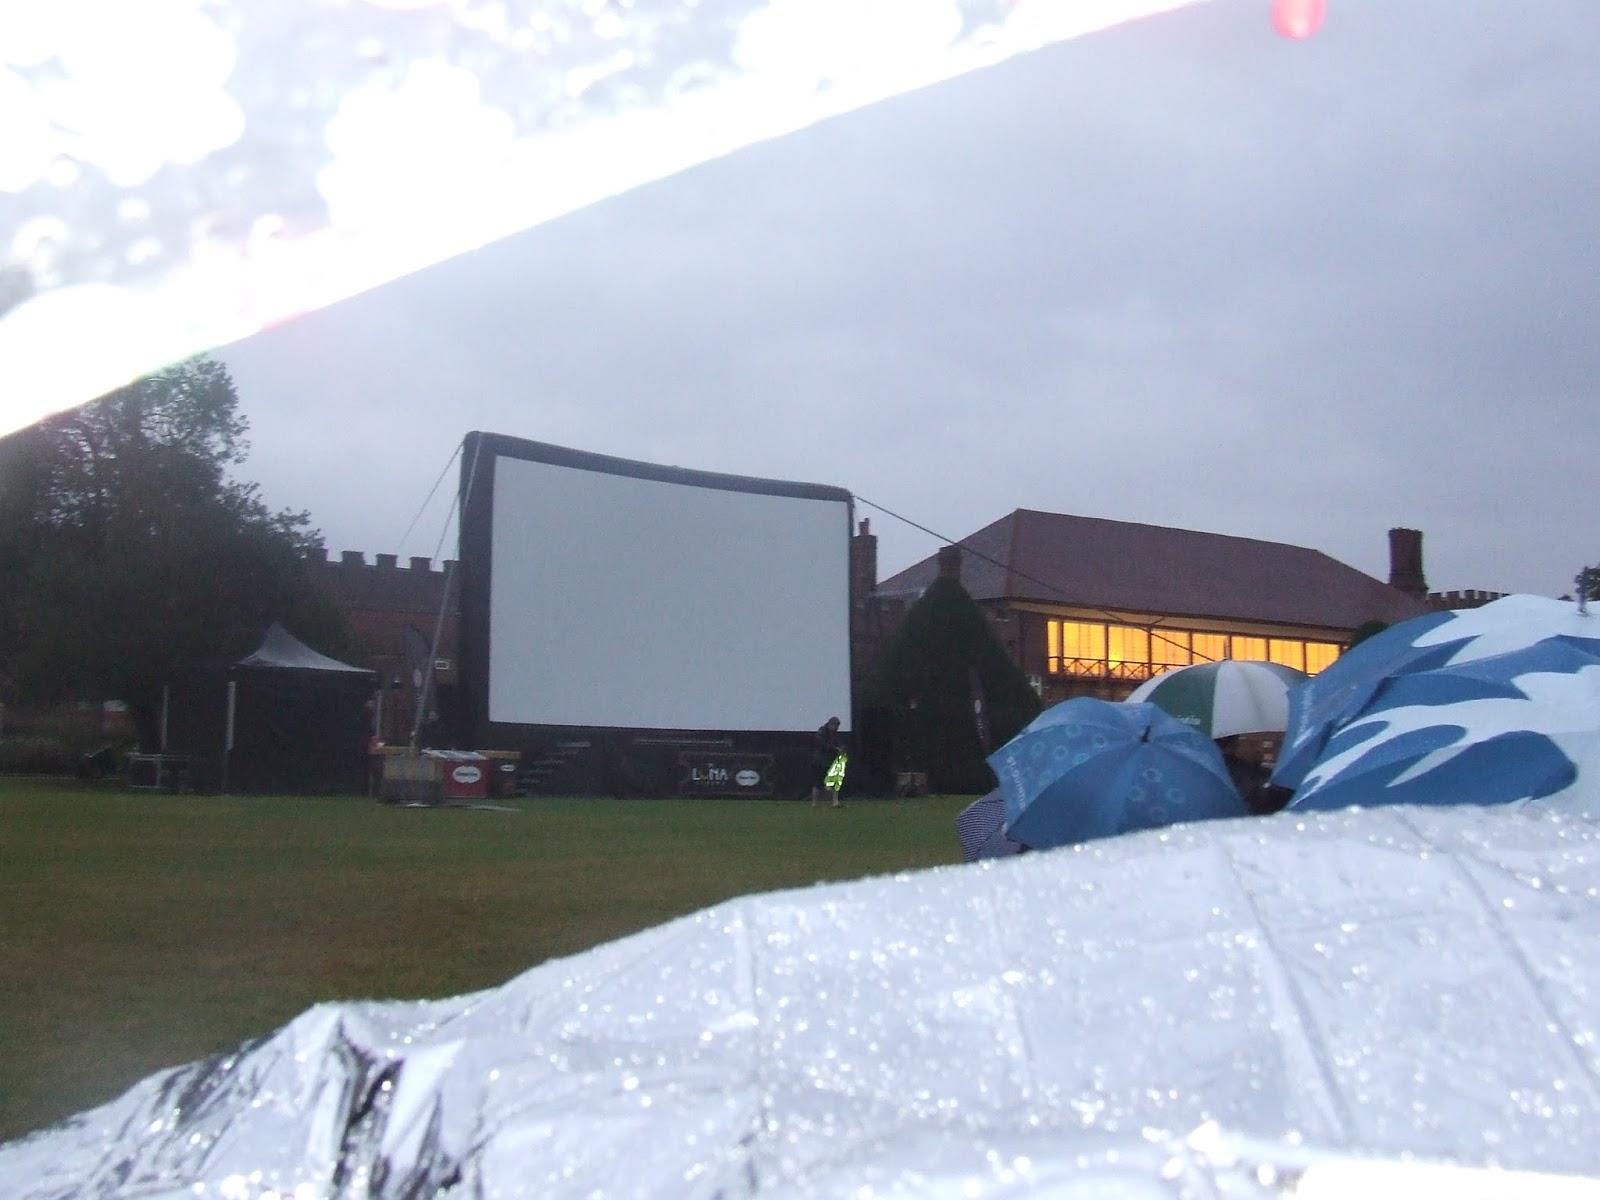 Luna cinema blanket